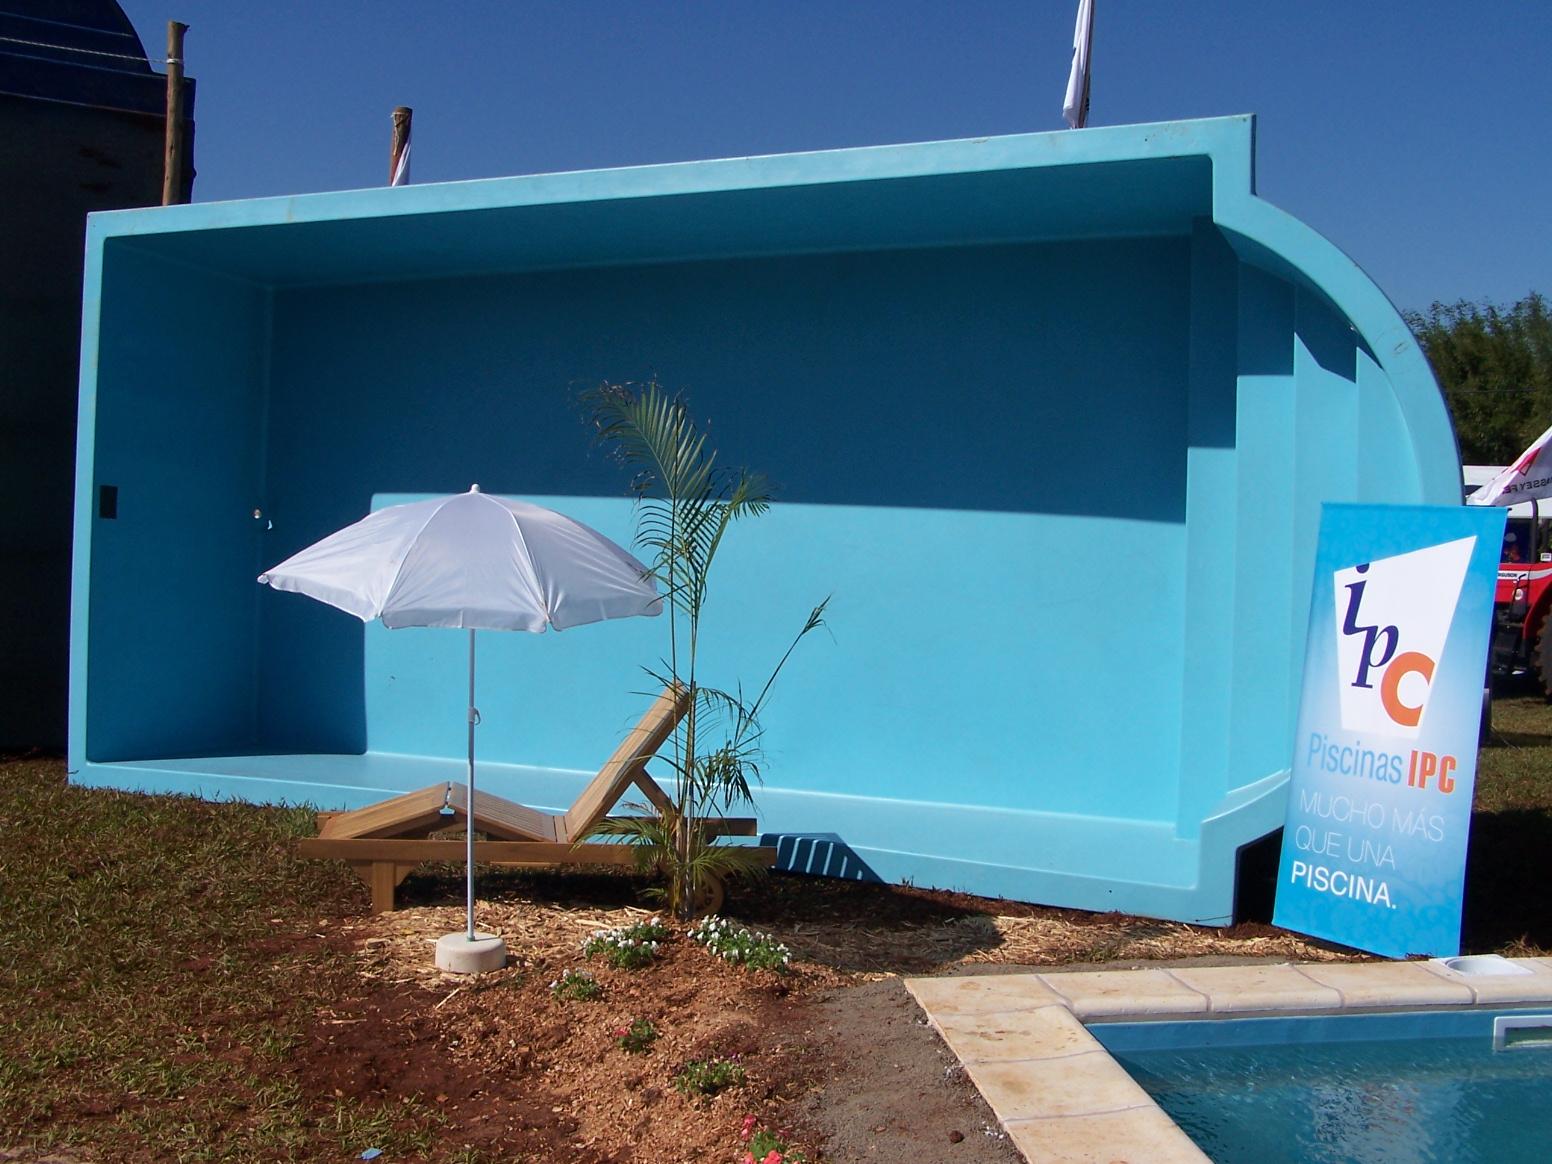 Cosas buscadas piscinas ipc piletas de natacion for Construccion de piletas